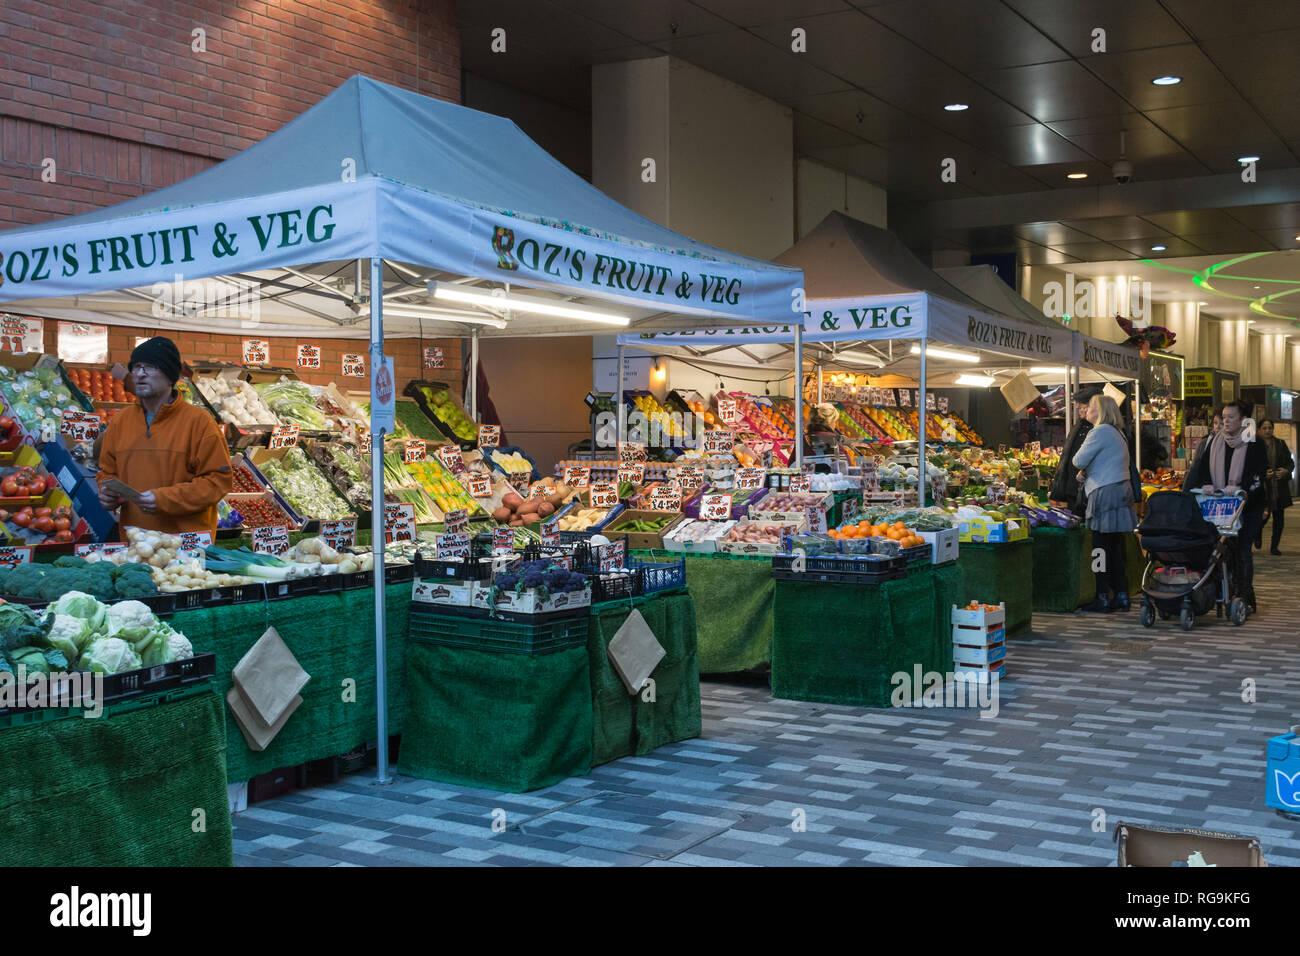 Obst und Gemüse Marktstände auf dem Markt zu Fuß in das Stadtzentrum von Woking, Surrey, UK, mit Leute einkaufen. Alltag. Stockbild